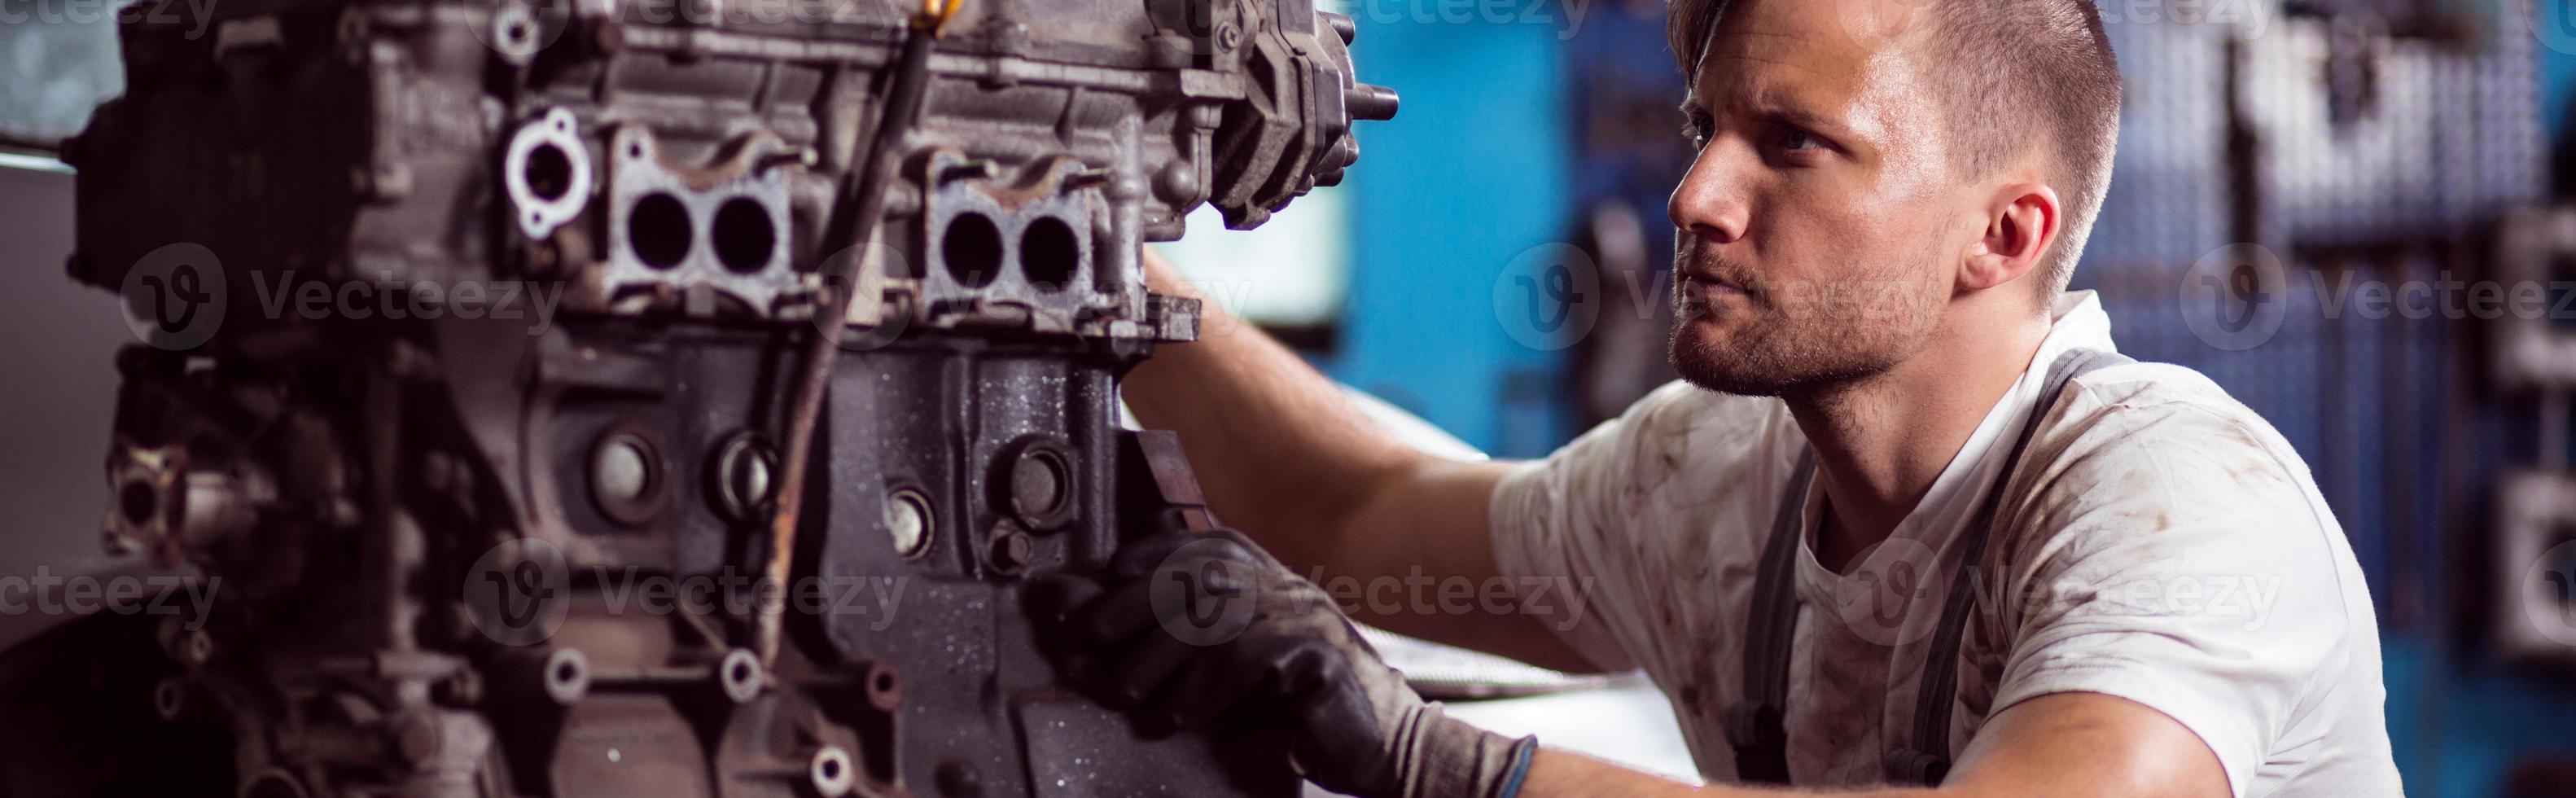 Reparaturwerkstatt, die den Automotor repariert foto